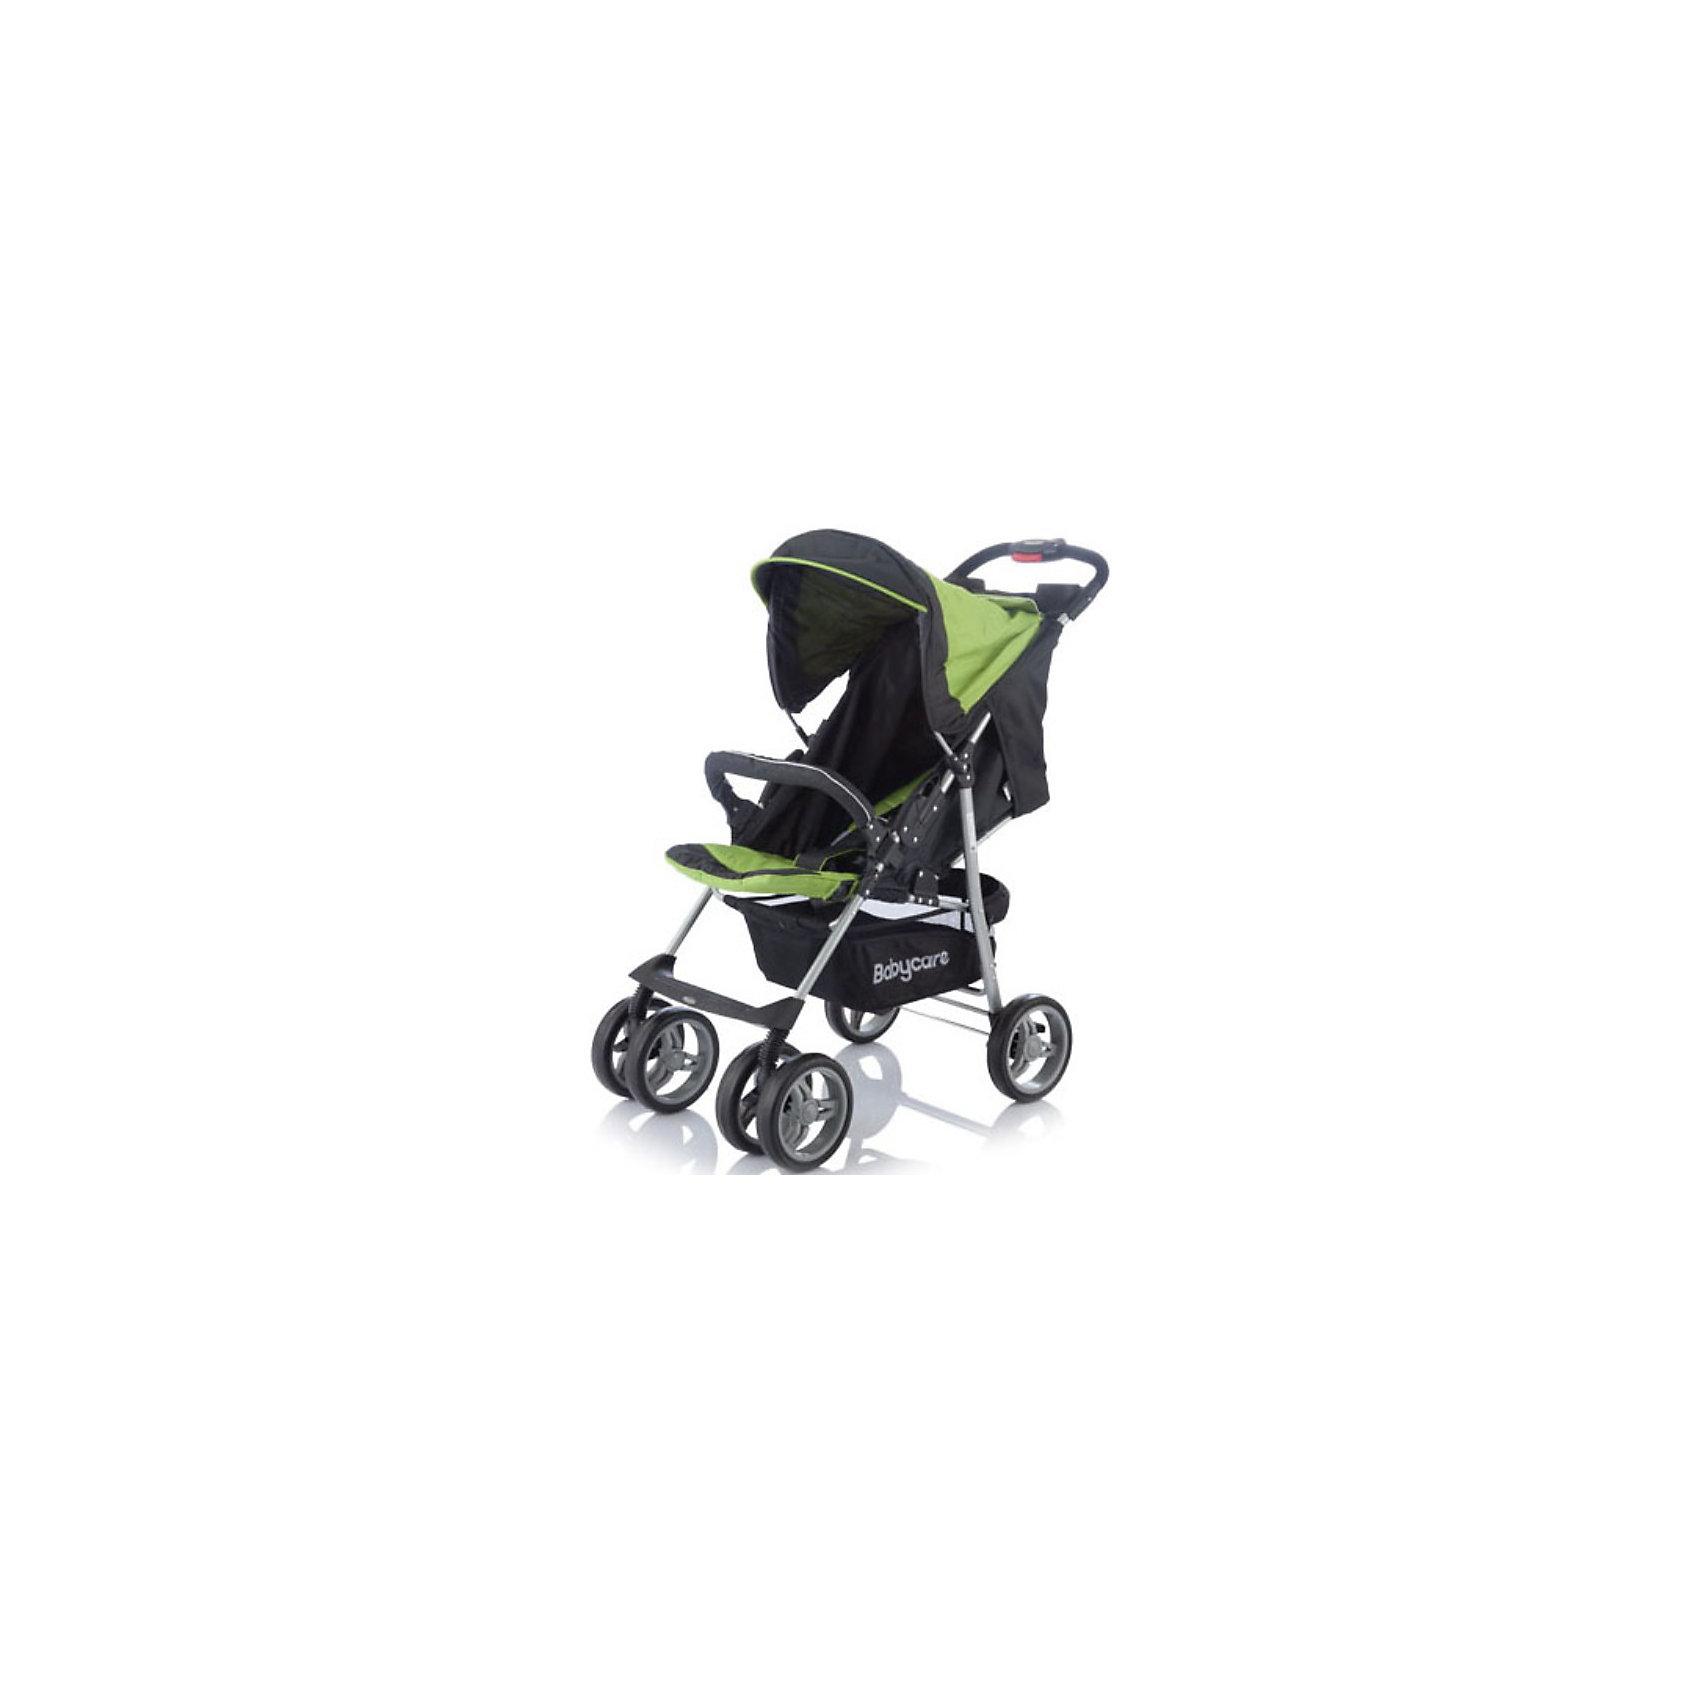 Прогулочная коляска Voyager, Baby Care, зеленыйКоляска Baby Care Voyager - легкая и маневренная прогулочная коляска. Благодаря продуманному дизайну коляска очень комфортна не только для ребенка но и для мамы.<br>Колеса из прочного и легкого пластикового полимера обеспечивают проходимость по любой местности, не гремят по асфальту, передние колеса можно фиксировать как в положении прямо так и в свободном (360 градусов).<br><br>Коляска оснащена удобным сиденьем для малыша с 5-точечными ремнями безопасности и съемным бампером, спинка механически раскладывается в 3-х положениях до 170 <br>градусов. Подножку также можно настраивать по высоте, с ее помощью получается просторное спальное место оптимальной длины. Сиденье защищено большим опускающимся<br>капюшоном с окошком. В коляске имеется также просторная корзина для детских принадлежностей или покупок и столешница с подстаканниками.<br><br>Коляска легко складывается книжкой, ее компактность и легкий вес позволяют использовать ее во время поездок и путешествий.<br><br>Особенности:<br><br>- 3 положения спинки (включая горизонтальное 170 градусов);<br>- 5-ти точечный ремень безопасности с мягкими наплечниками;<br>- жесткая спинка с плавно регулируемым наклоном;<br>- регулируемая подножка;<br>- бампер с мягкой обивкой.<br>- облегченная алюминиевая рама;<br>- двойные плавающие передние колеса с фиксацией<br>- колеса из вспененной искусственной резины с добавлением каучука, по асфальту не гремят.<br>- большая корзина для вещей;<br>- чехол на ножки;<br>- подставка для родителей.<br><br>Дополнительная информация:<br><br>- Материал: ткань, аллюминий.<br>- Цвет: зеленый.<br>- Ширина колесной базы: 48 см.<br>- Диаметр колес: 19 см.<br>- Длина спального места: 83 см.<br>- Ширина сиденья: 38 см.<br>- Размеры в разложенном виде: 50 х 83 х 100 см.<br>- Размеры в упаковке: 20 х 53 х 90 см.<br>- Вес: 7,5 кг. <br><br>Прогулочную коляску Voyager от Baby Care можно купить в нашем интернет-магазине.<br><br>Ширина мм: 900<br>Глубина мм: 200<b